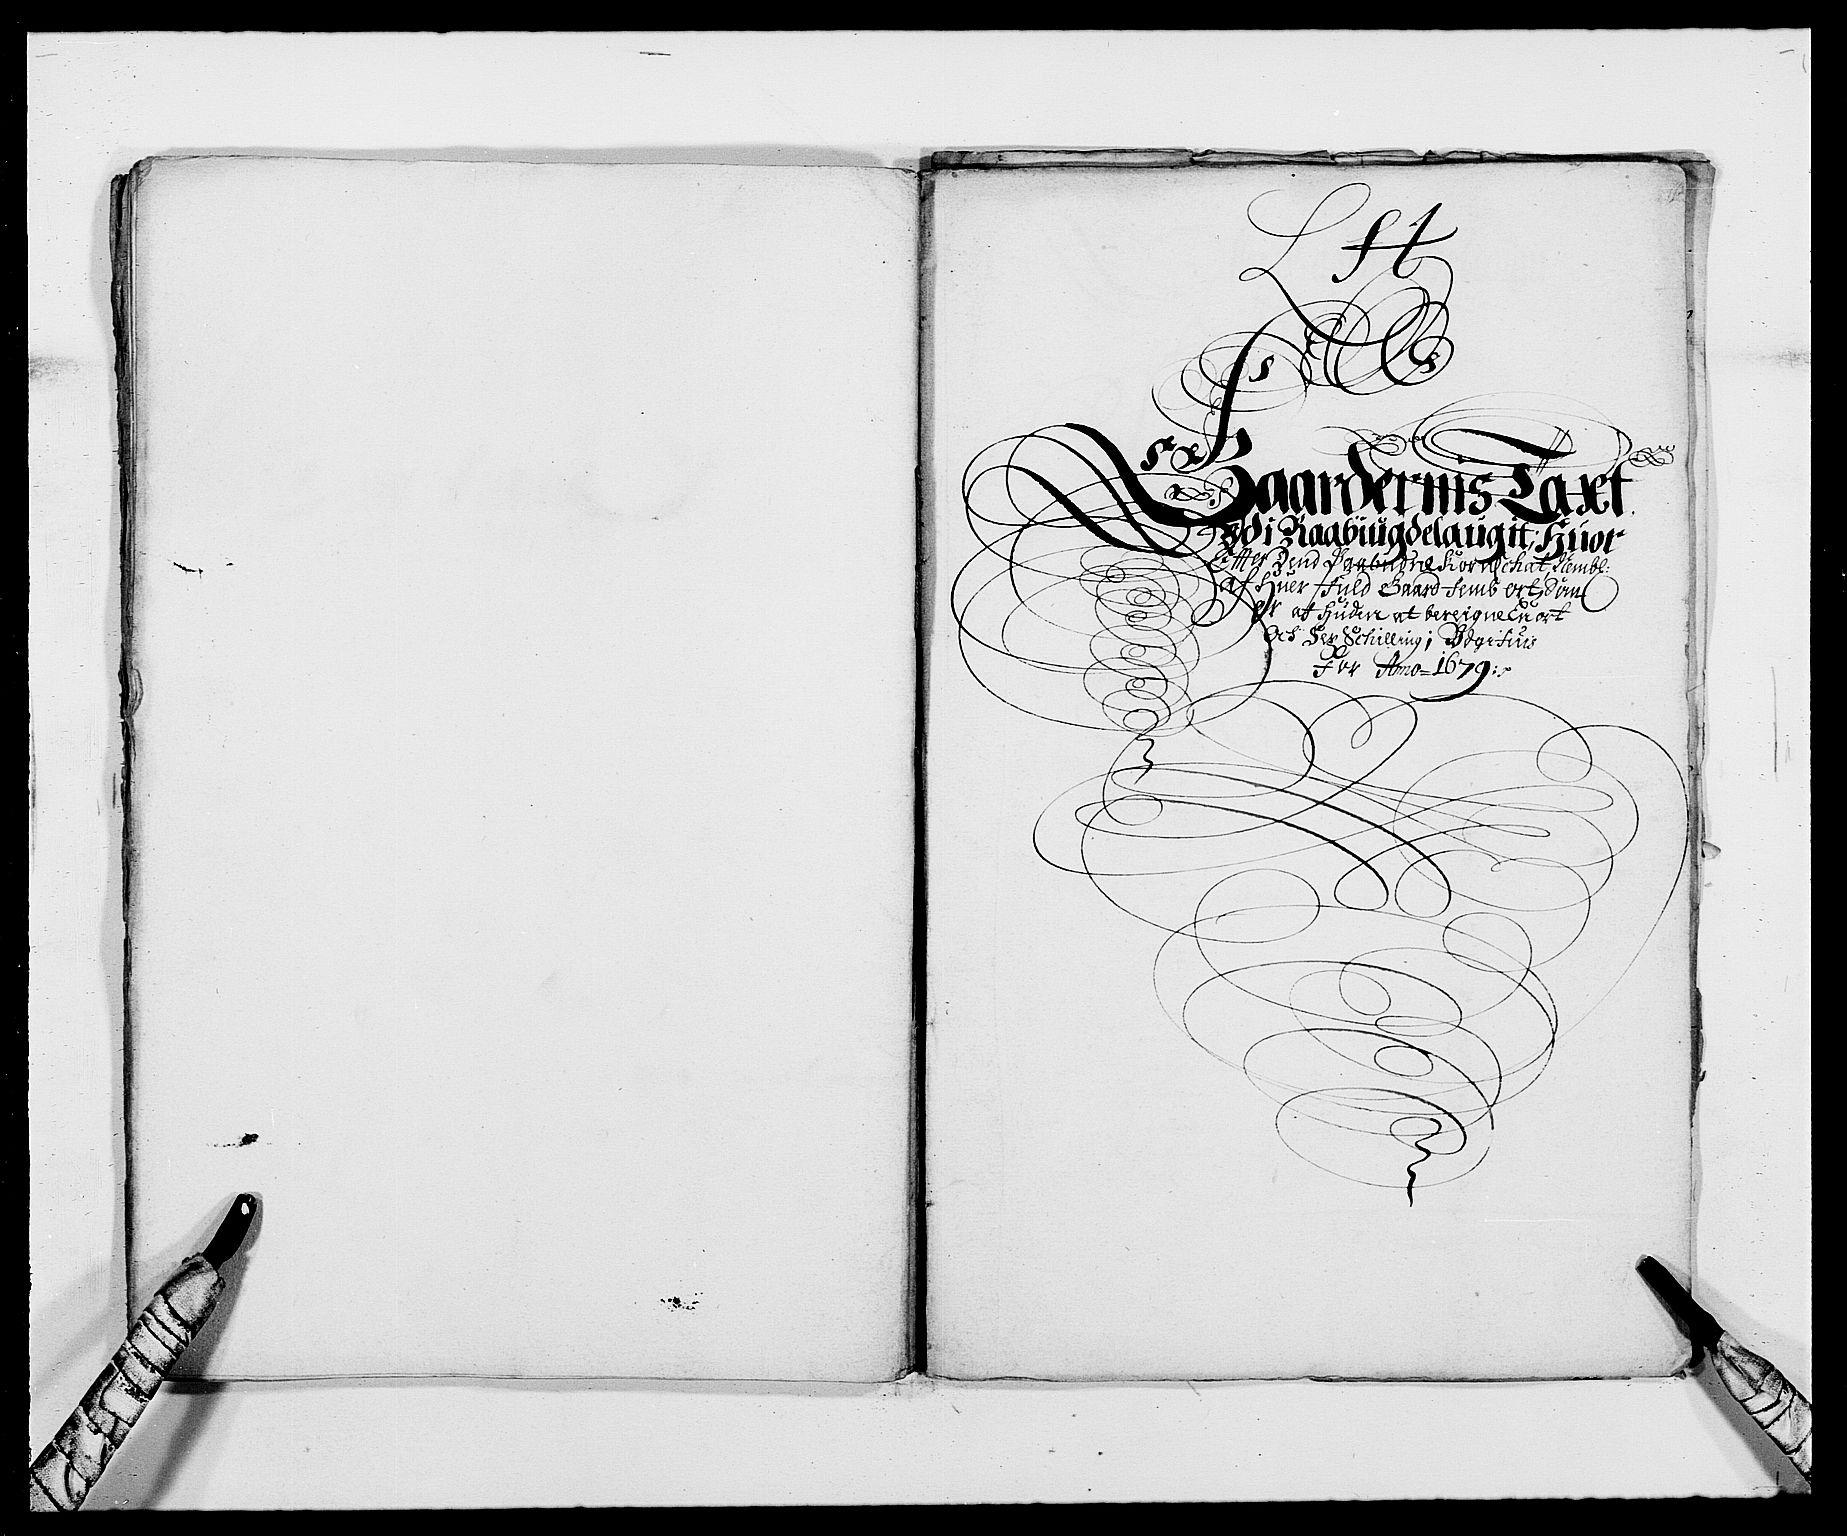 RA, Rentekammeret inntil 1814, Reviderte regnskaper, Fogderegnskap, R40/L2436: Fogderegnskap Råbyggelag, 1679-1680, s. 91